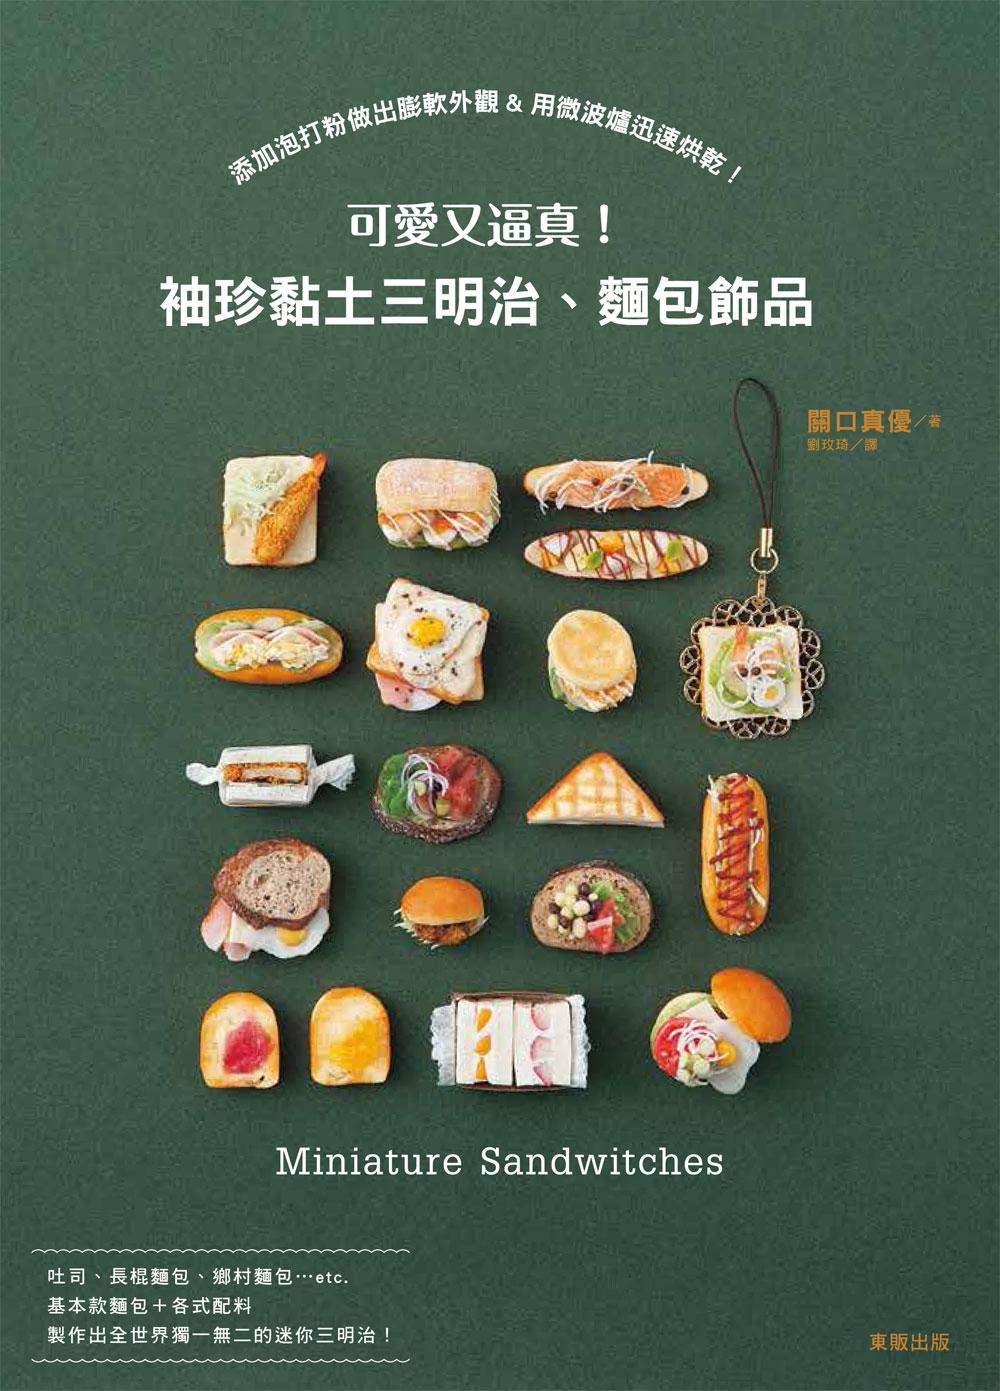 可愛又逼真!袖珍黏土三明治、麵包飾品